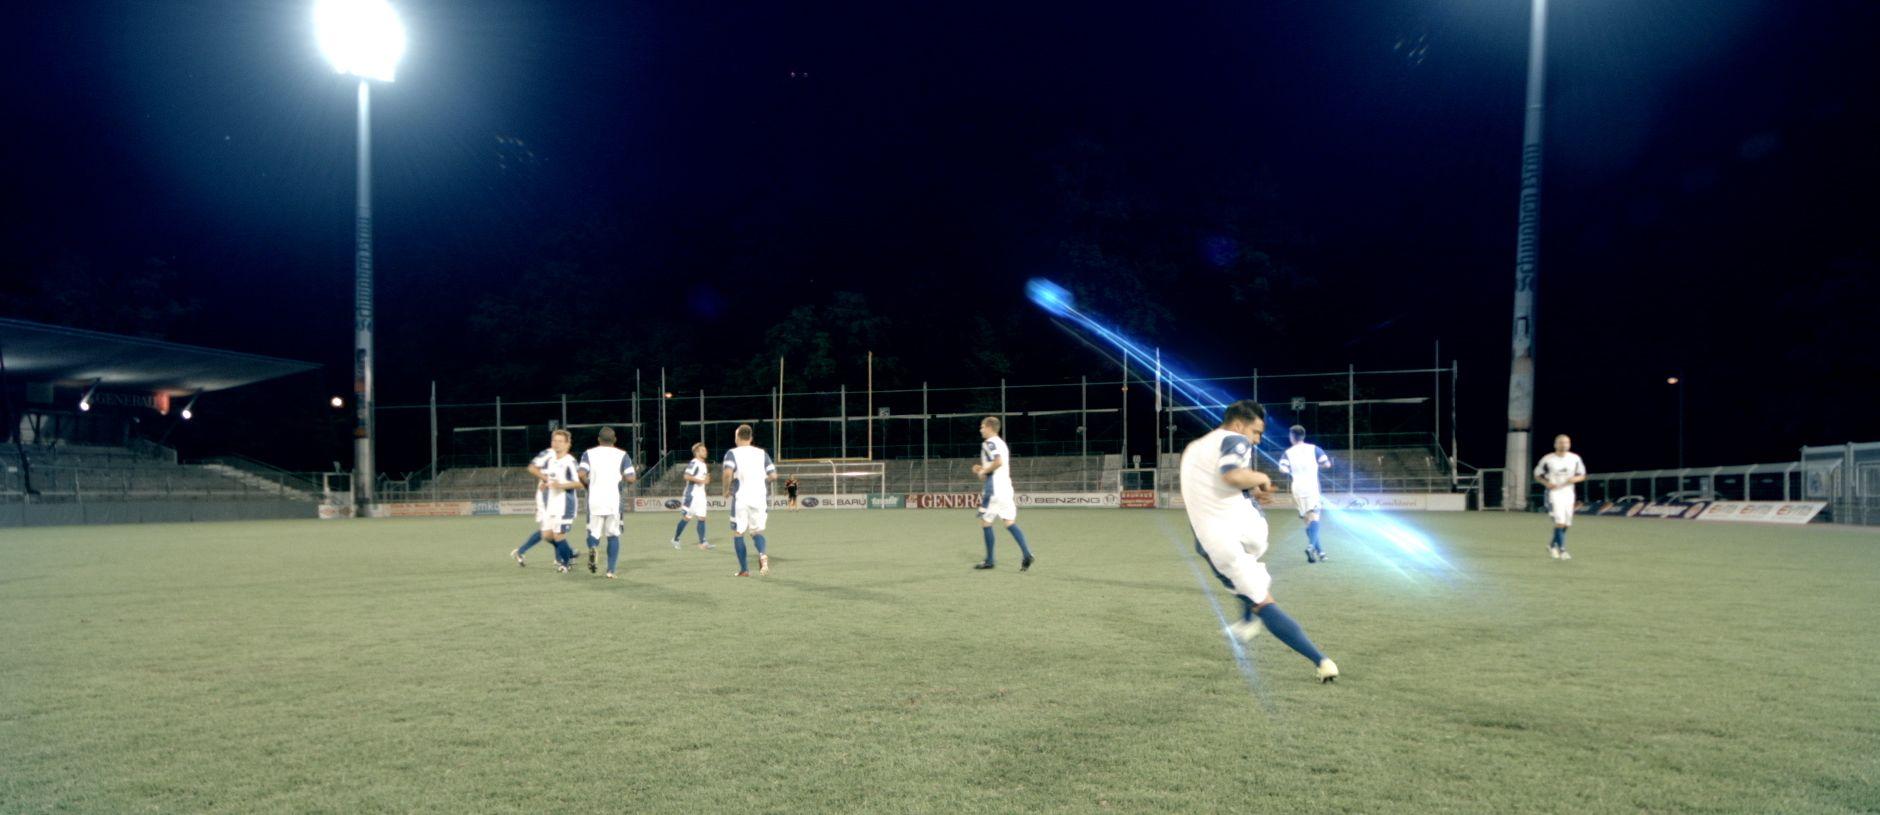 Stuttgarter Kickers: Imagefilm veröffentlicht